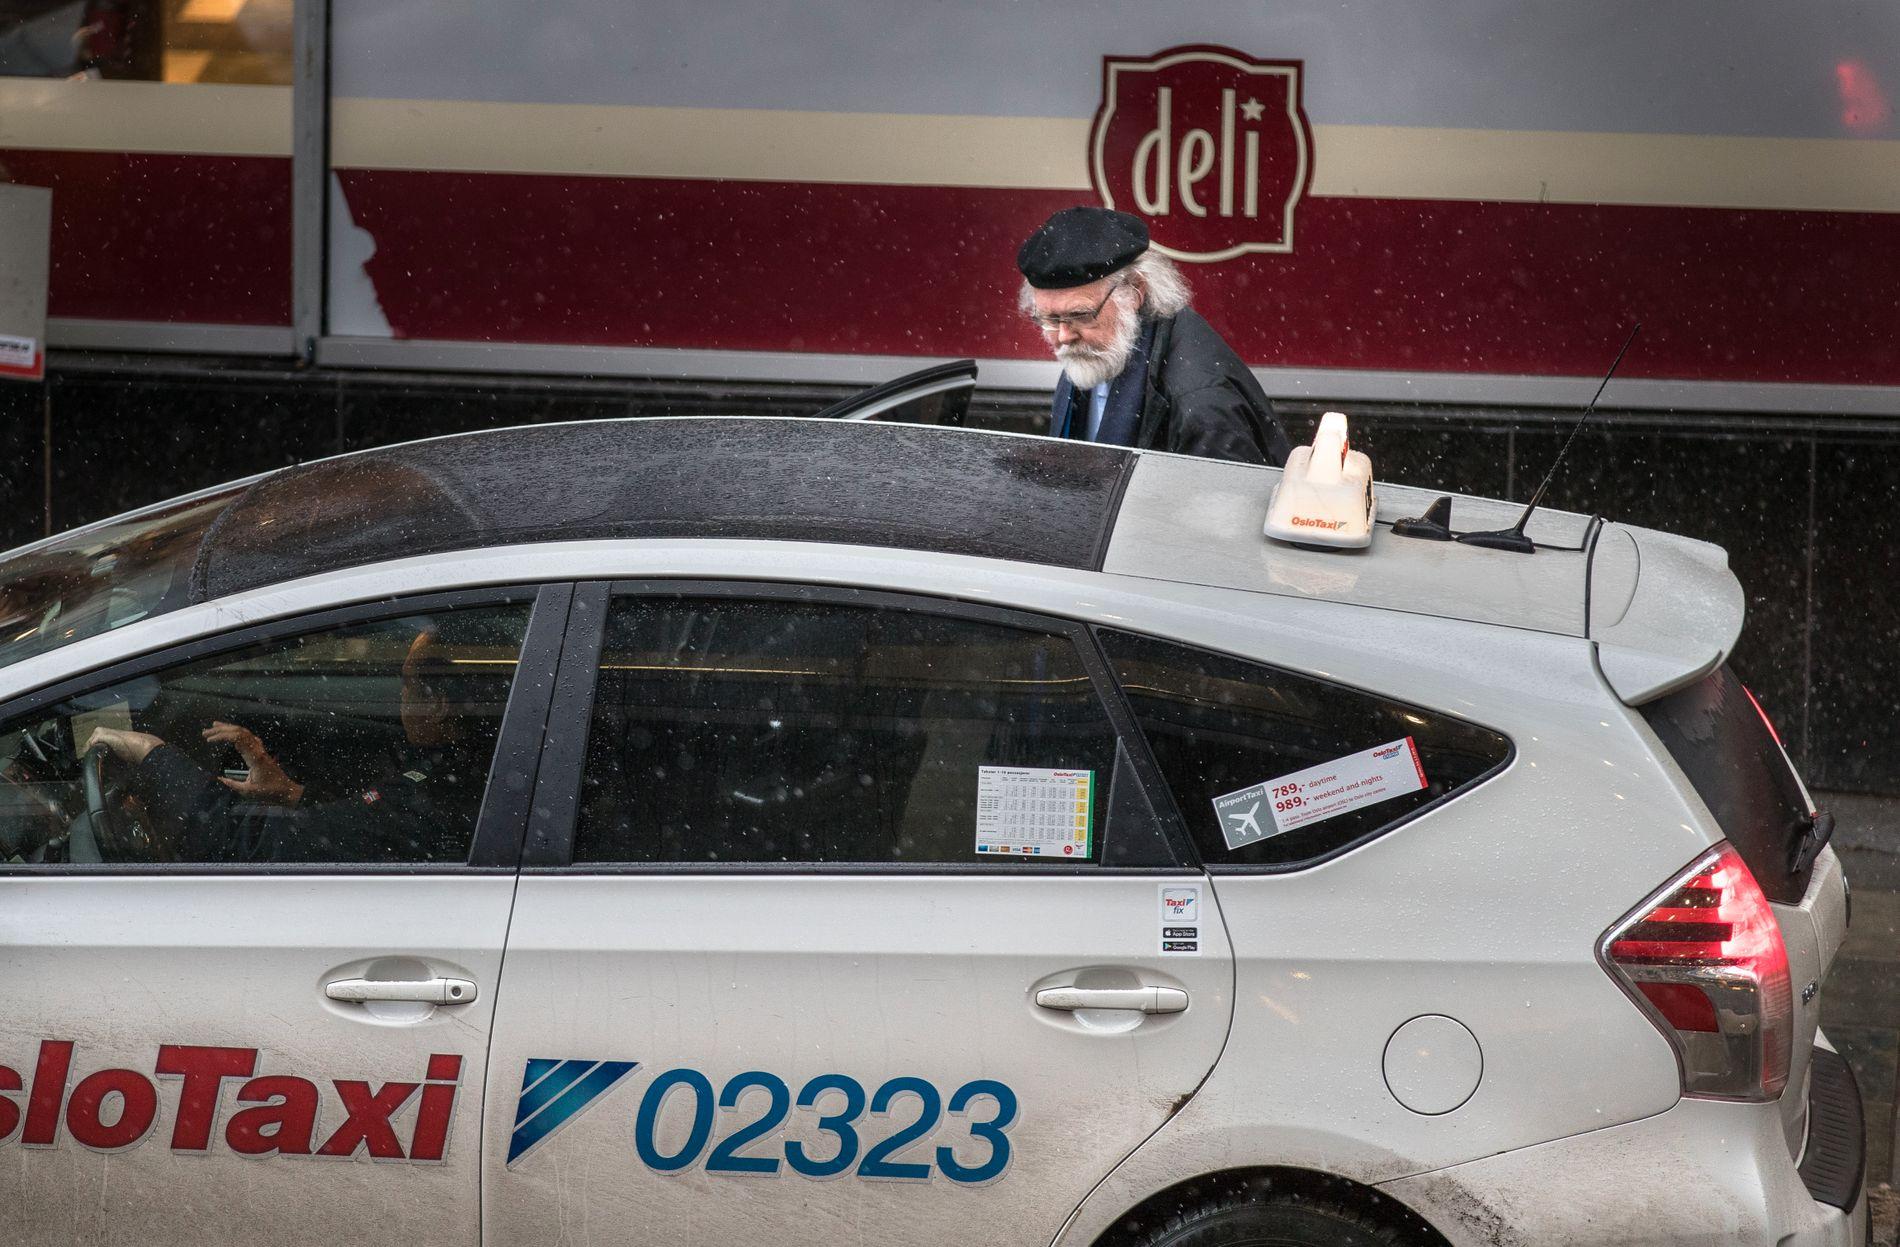 TRIVES I TAXI: Professor Nils Christian Stenseth (69) stiger ut av taxien for å møte VG til intervju i Akersgata i Oslo sentrum. Han forteller selv at han denne dagen tar fire taxiturer.